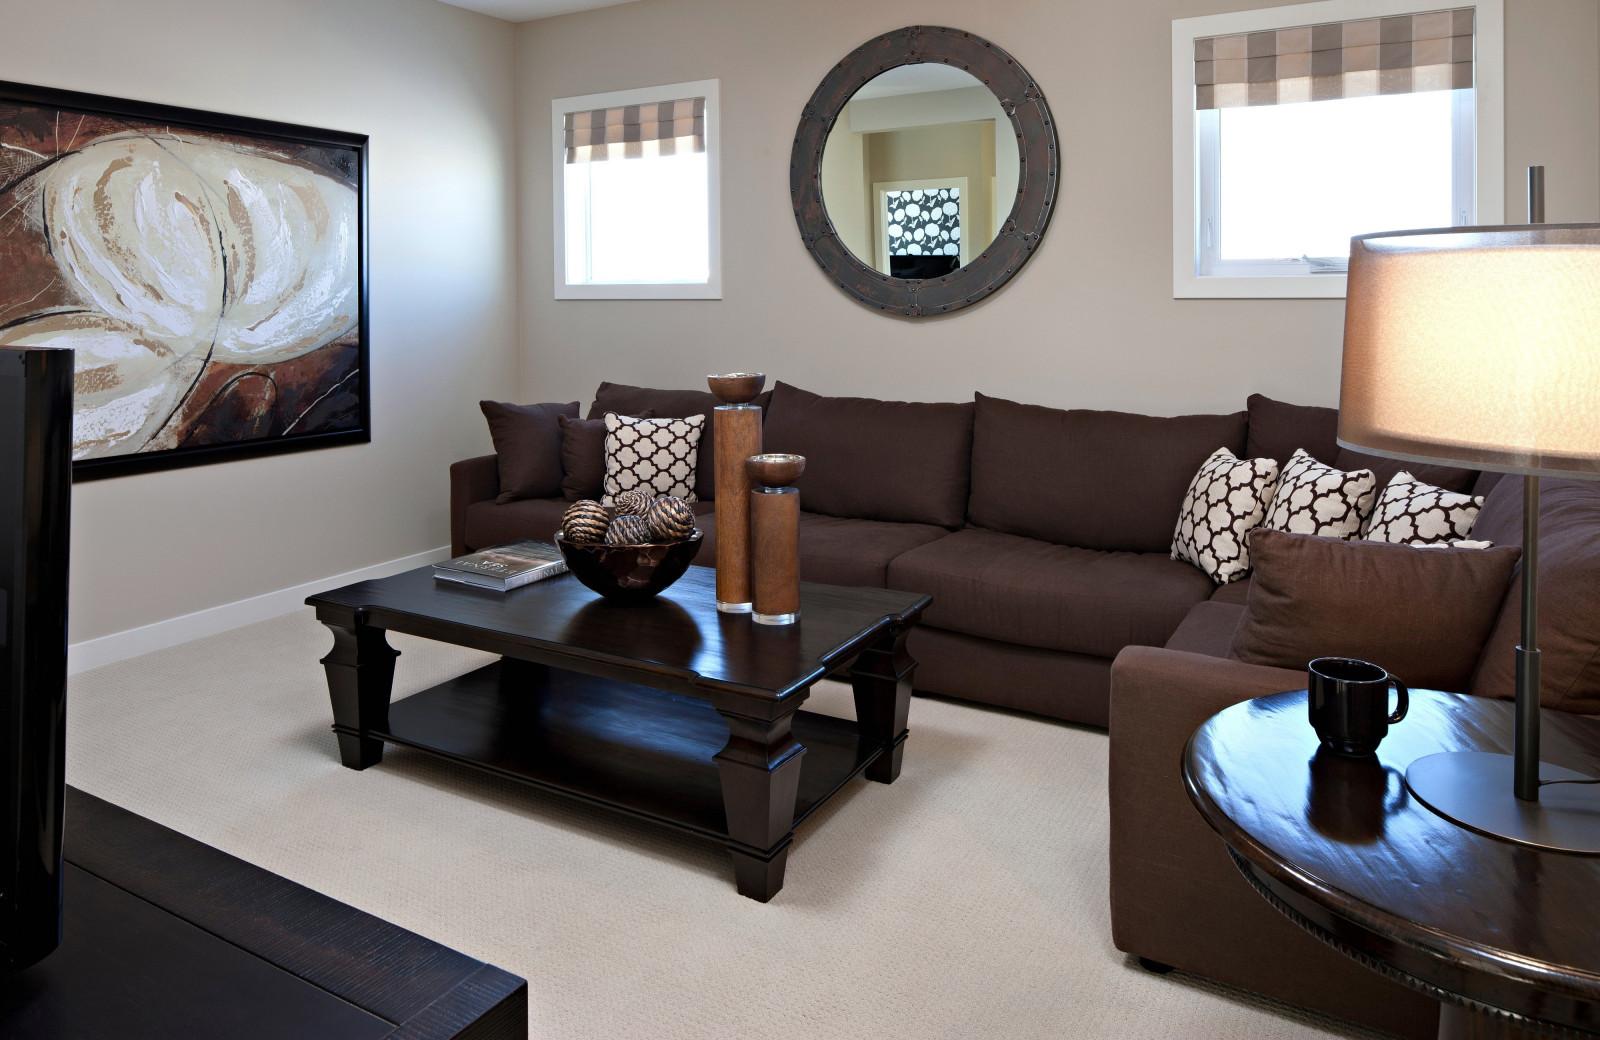 Fondos de pantalla habitaci n mesa adentro dise o de for Diseno de interiores salas